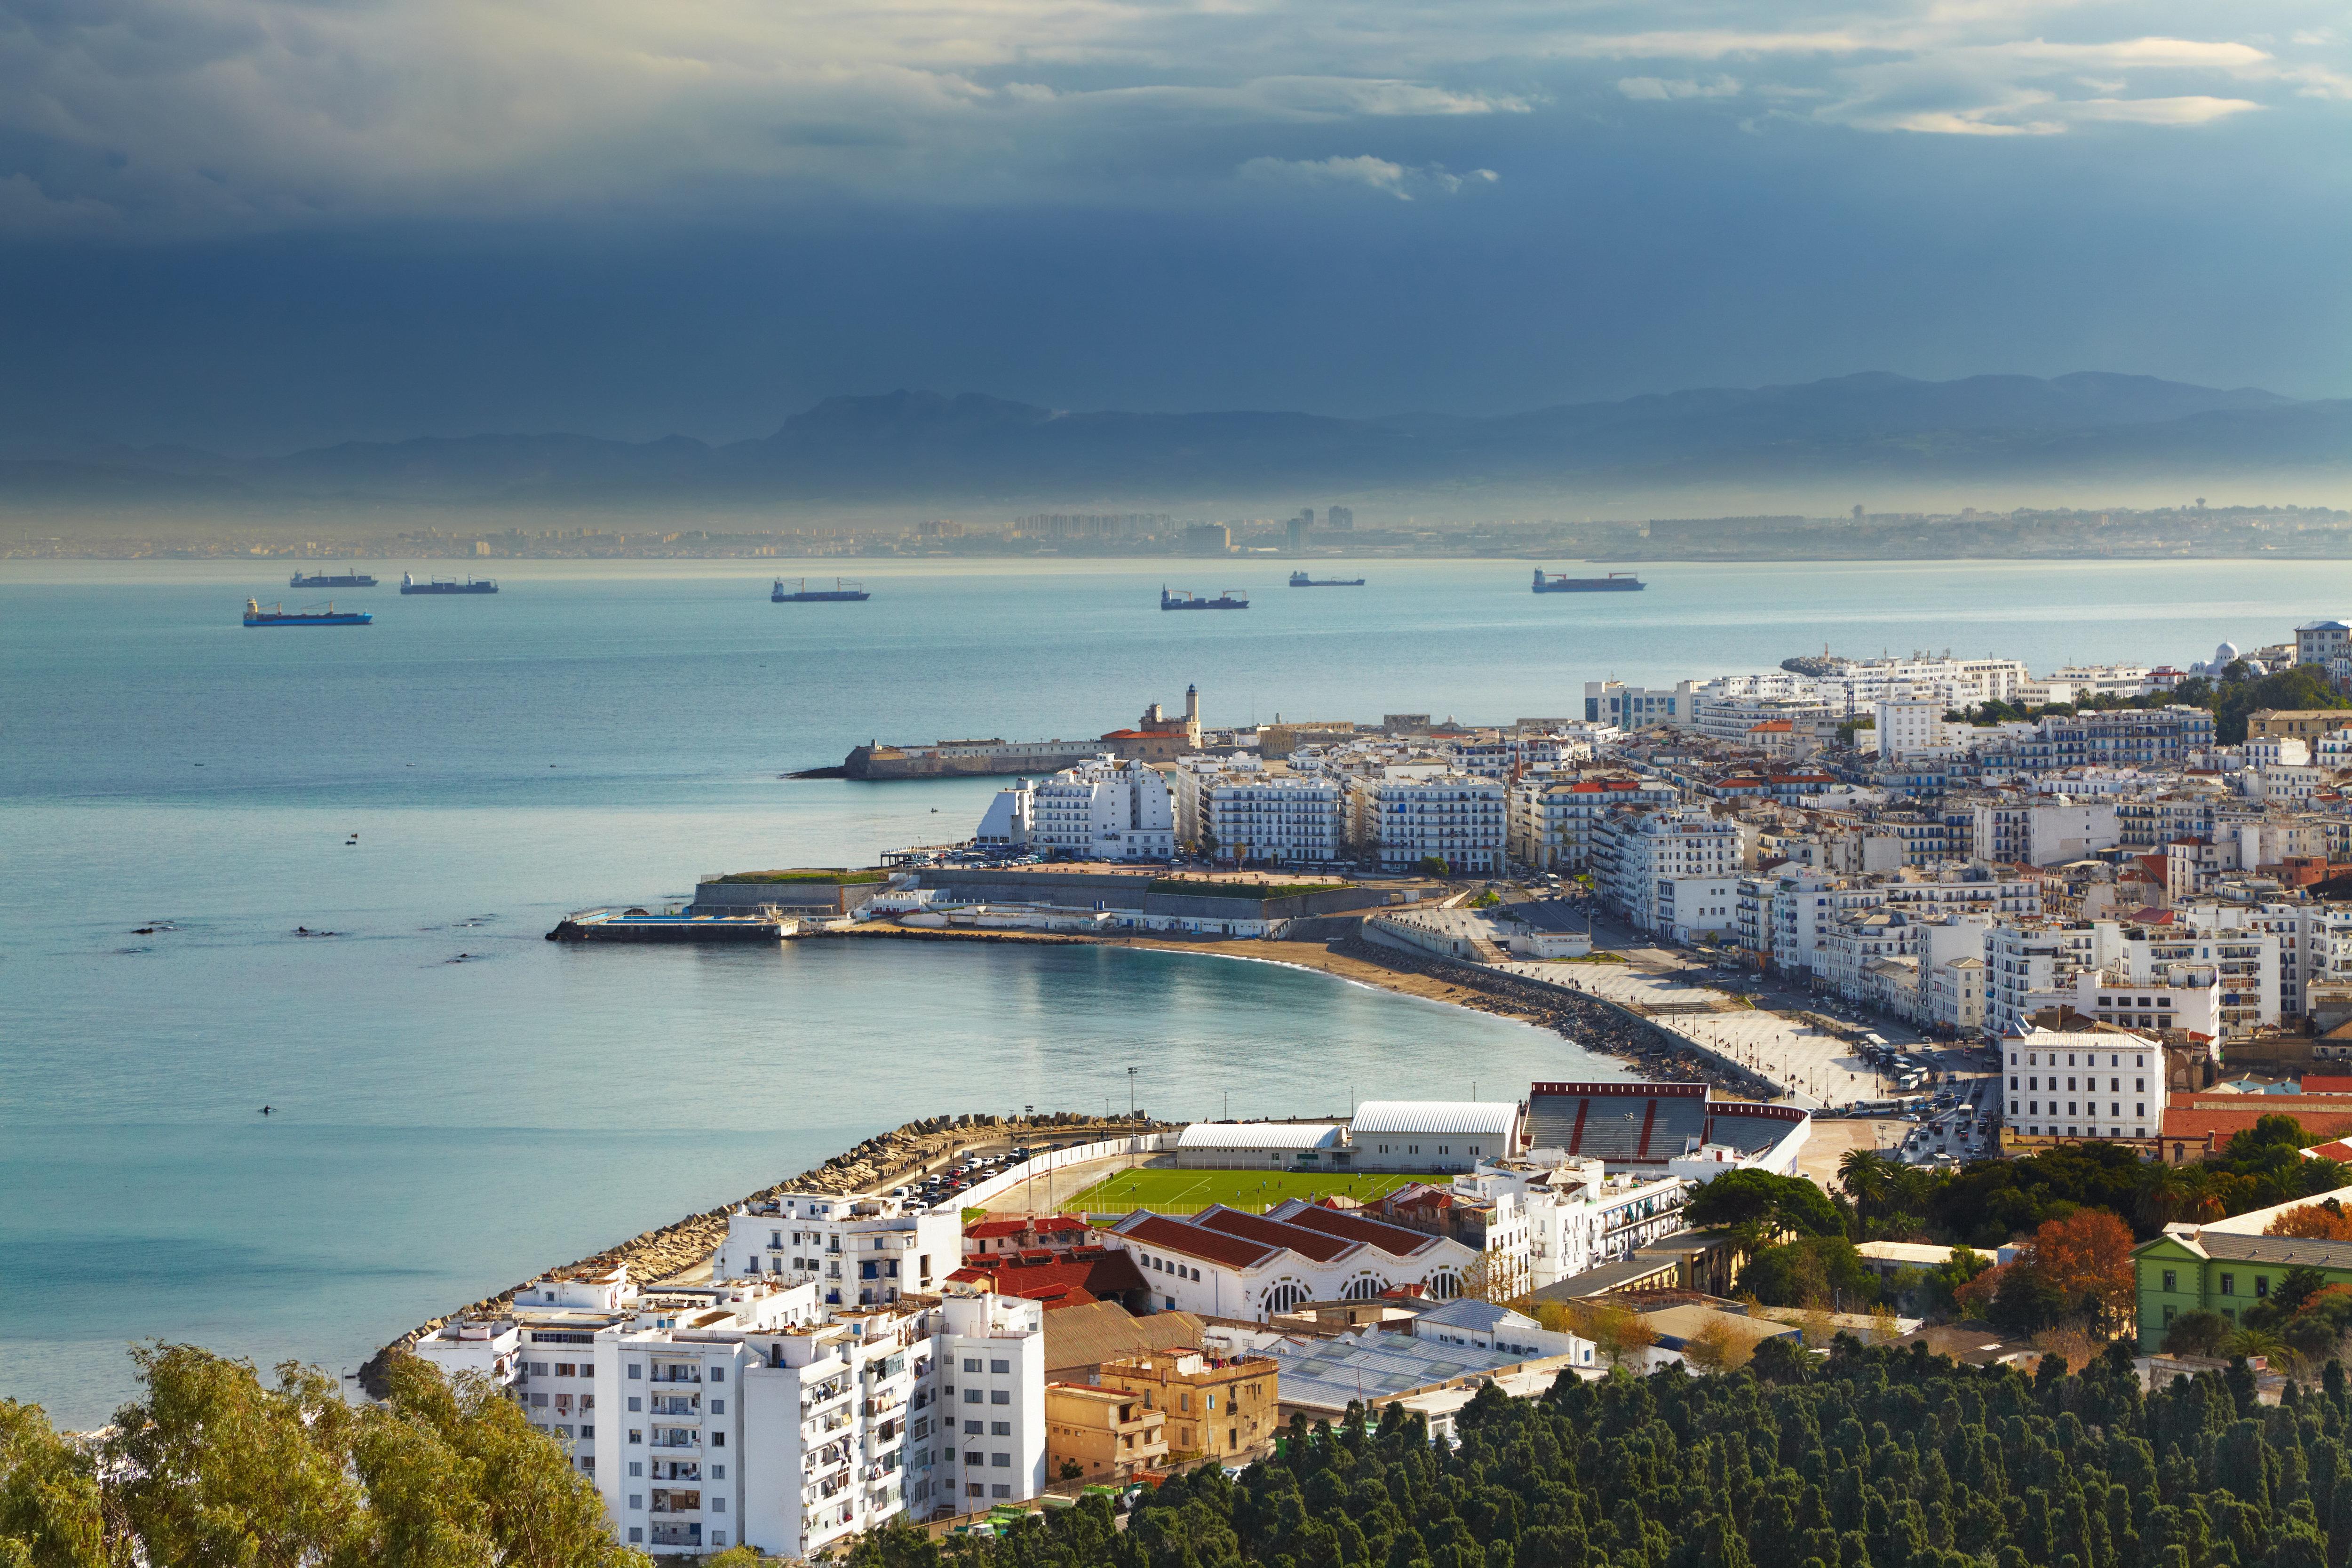 Développement urbain: La modernisation d'Alger au coeur de l'agenda de